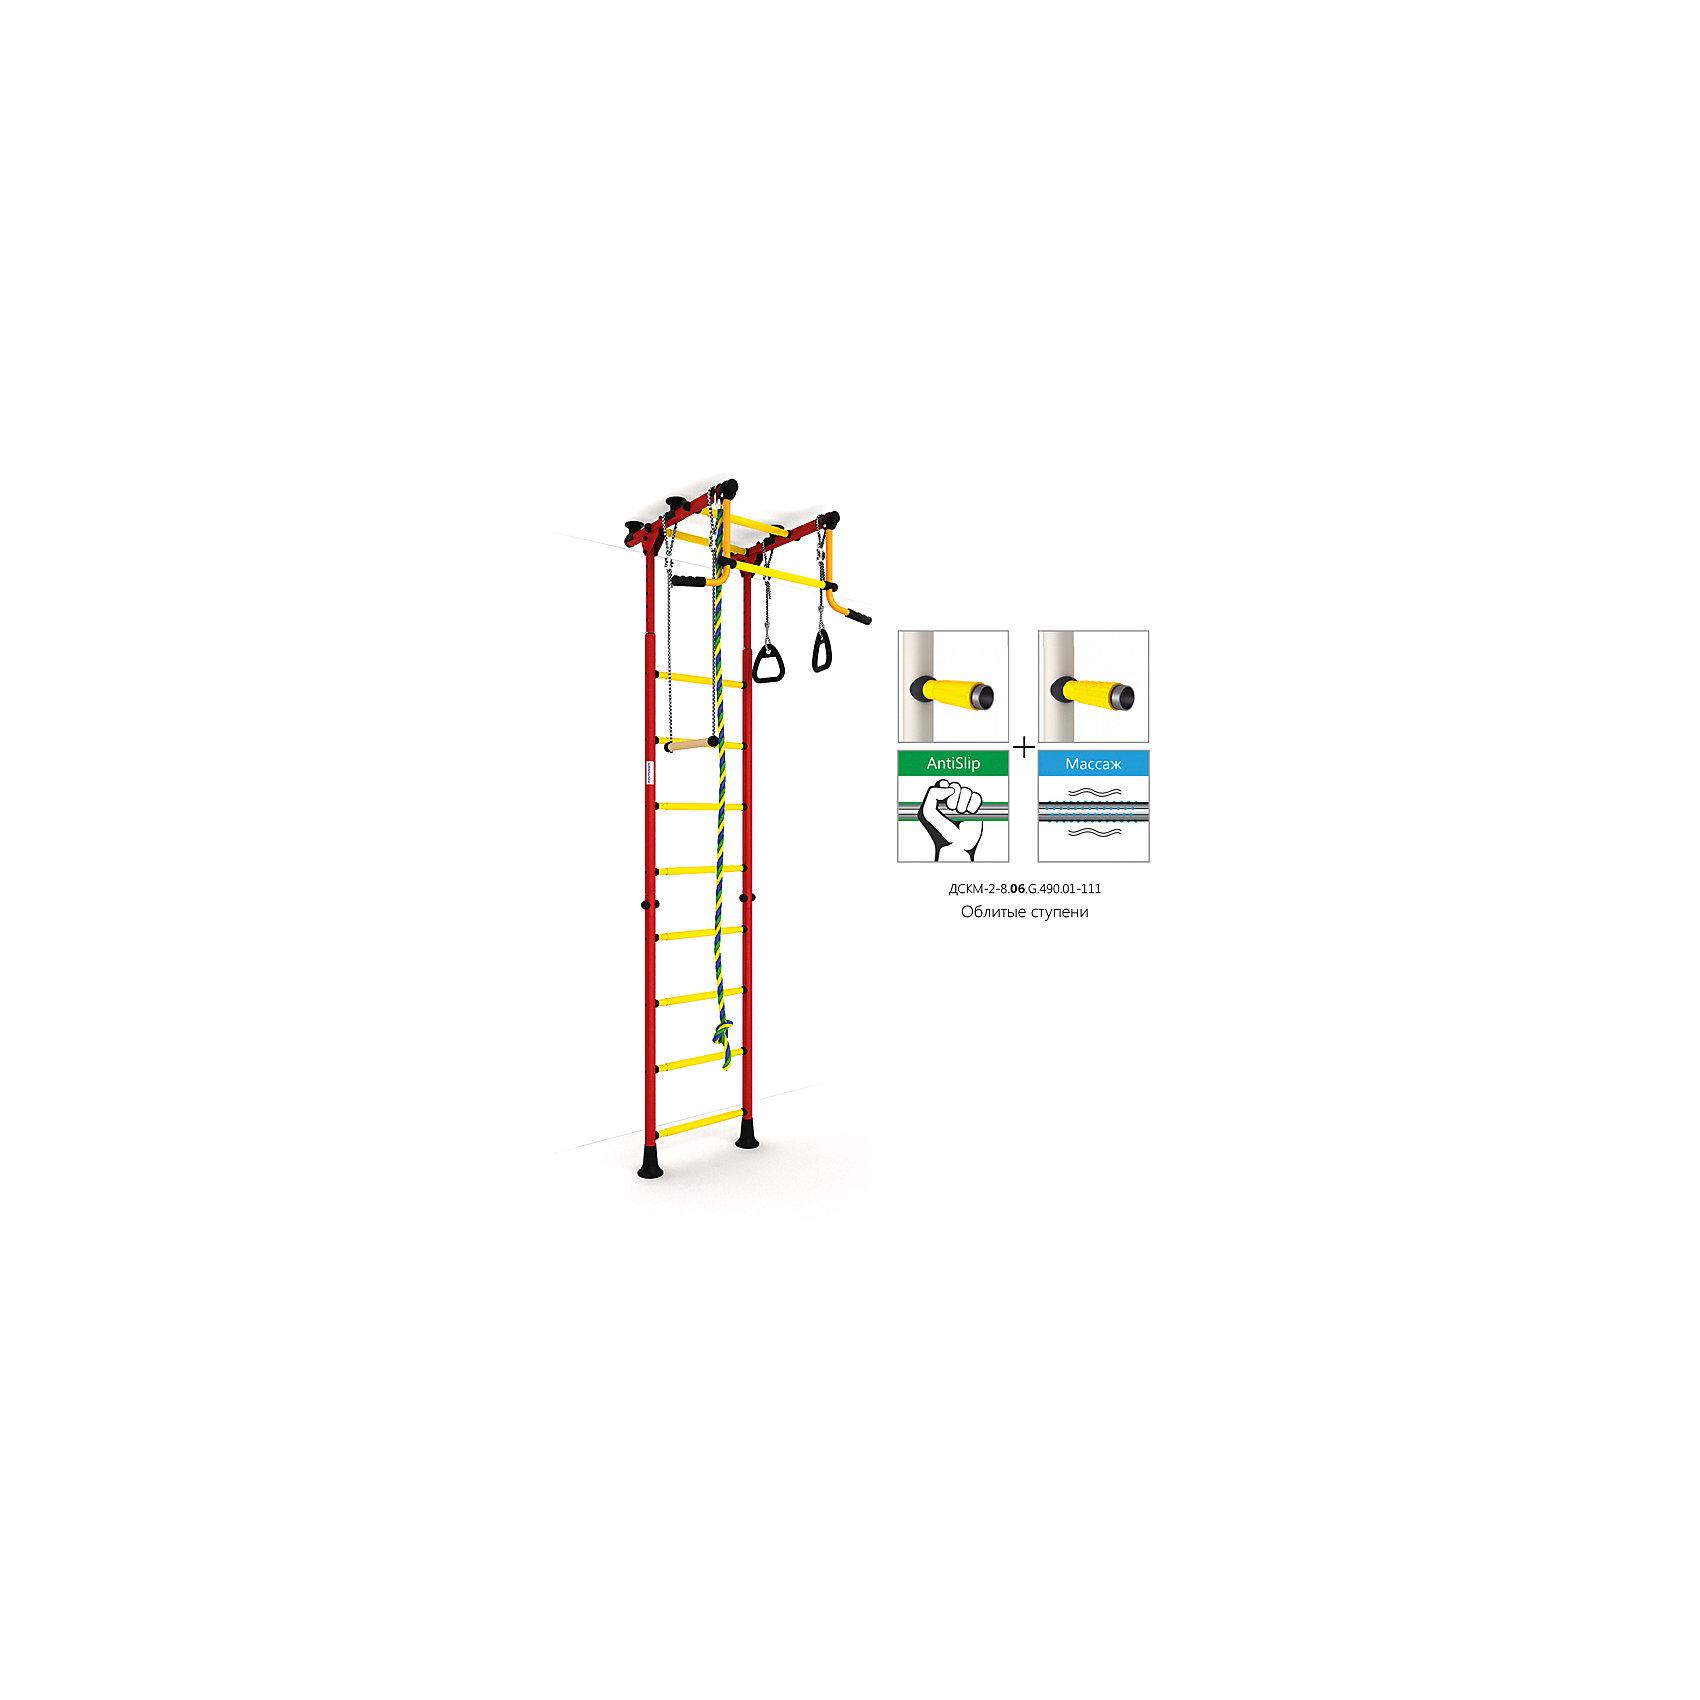 Шведская лестница Комета-2, красный-желтыйШведские стенки<br>Шведская стенка с креплениями в распор (между полом и потолком) - одна из самых популярных моделей. Благодаря креплению, не требующему сверления поверхностей, домашний спортивный комплекс быстро устанавливается и позволяет легко менять место установки в комнате. В комплекте: лестница гимнастическая, турник неподвижный, кольца гимнастические, трапеция, канат.<br><br>Ширина мм: 1160<br>Глубина мм: 535<br>Высота мм: 140<br>Вес г: 27000<br>Возраст от месяцев: 36<br>Возраст до месяцев: 192<br>Пол: Унисекс<br>Возраст: Детский<br>SKU: 5251539